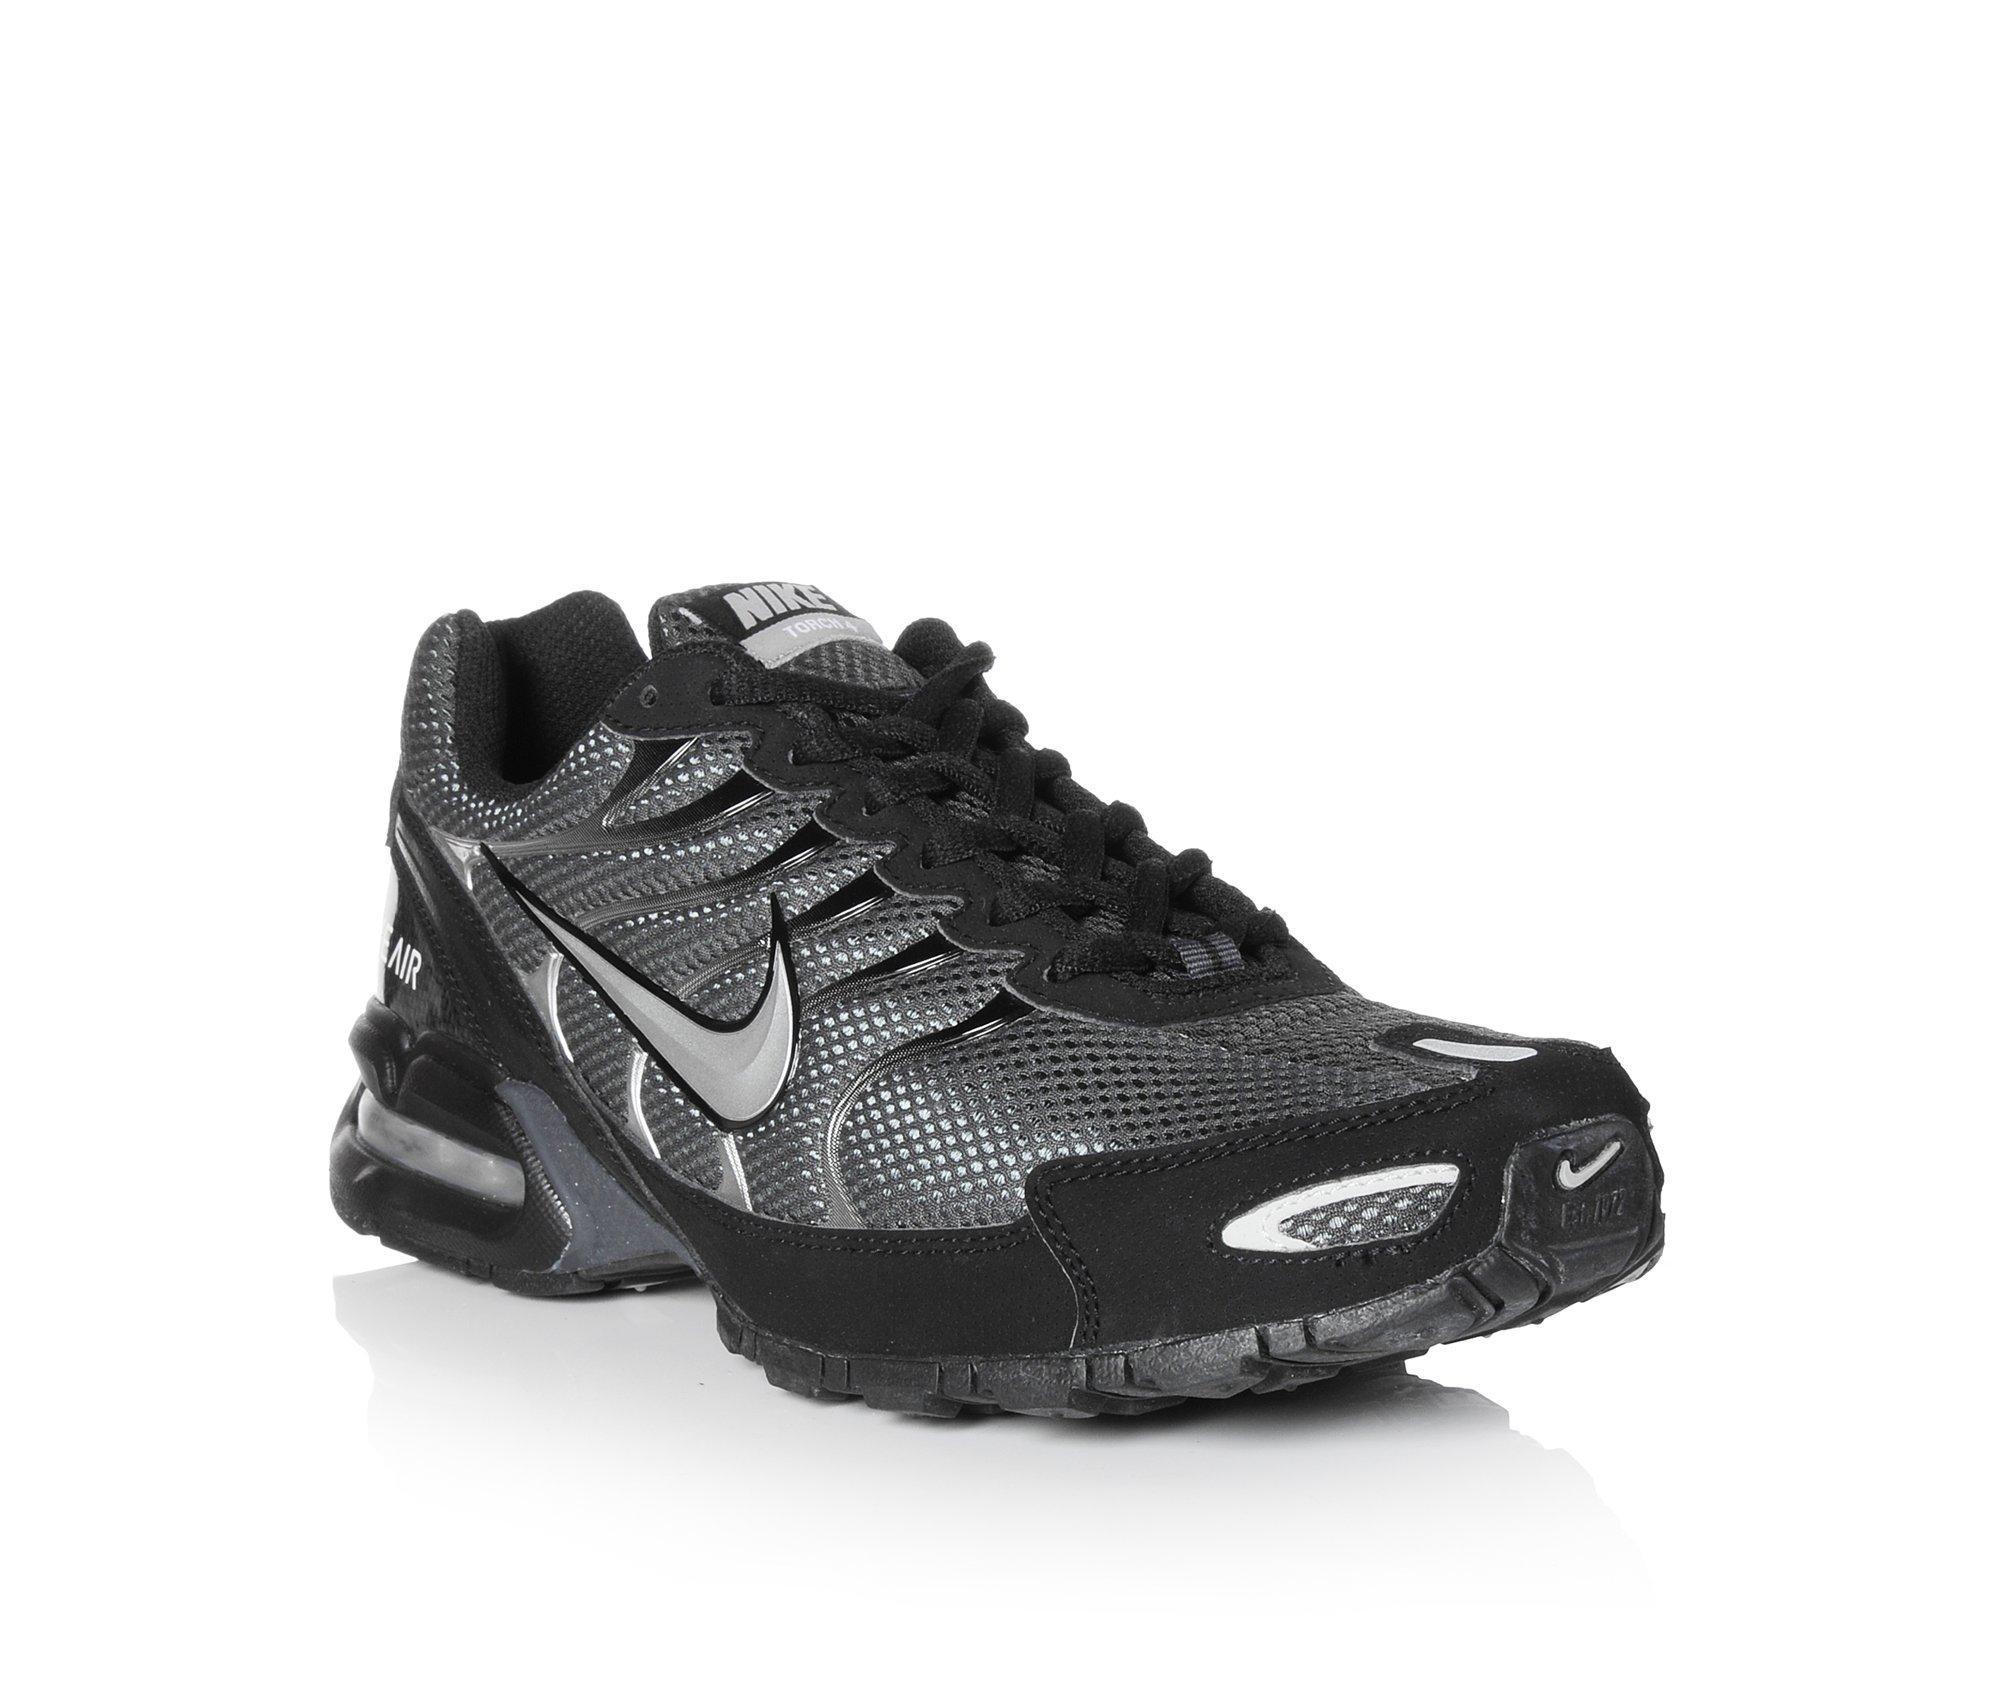 Nike air max torch 4 running shoe - Nike Air Max Torch 4 Blue